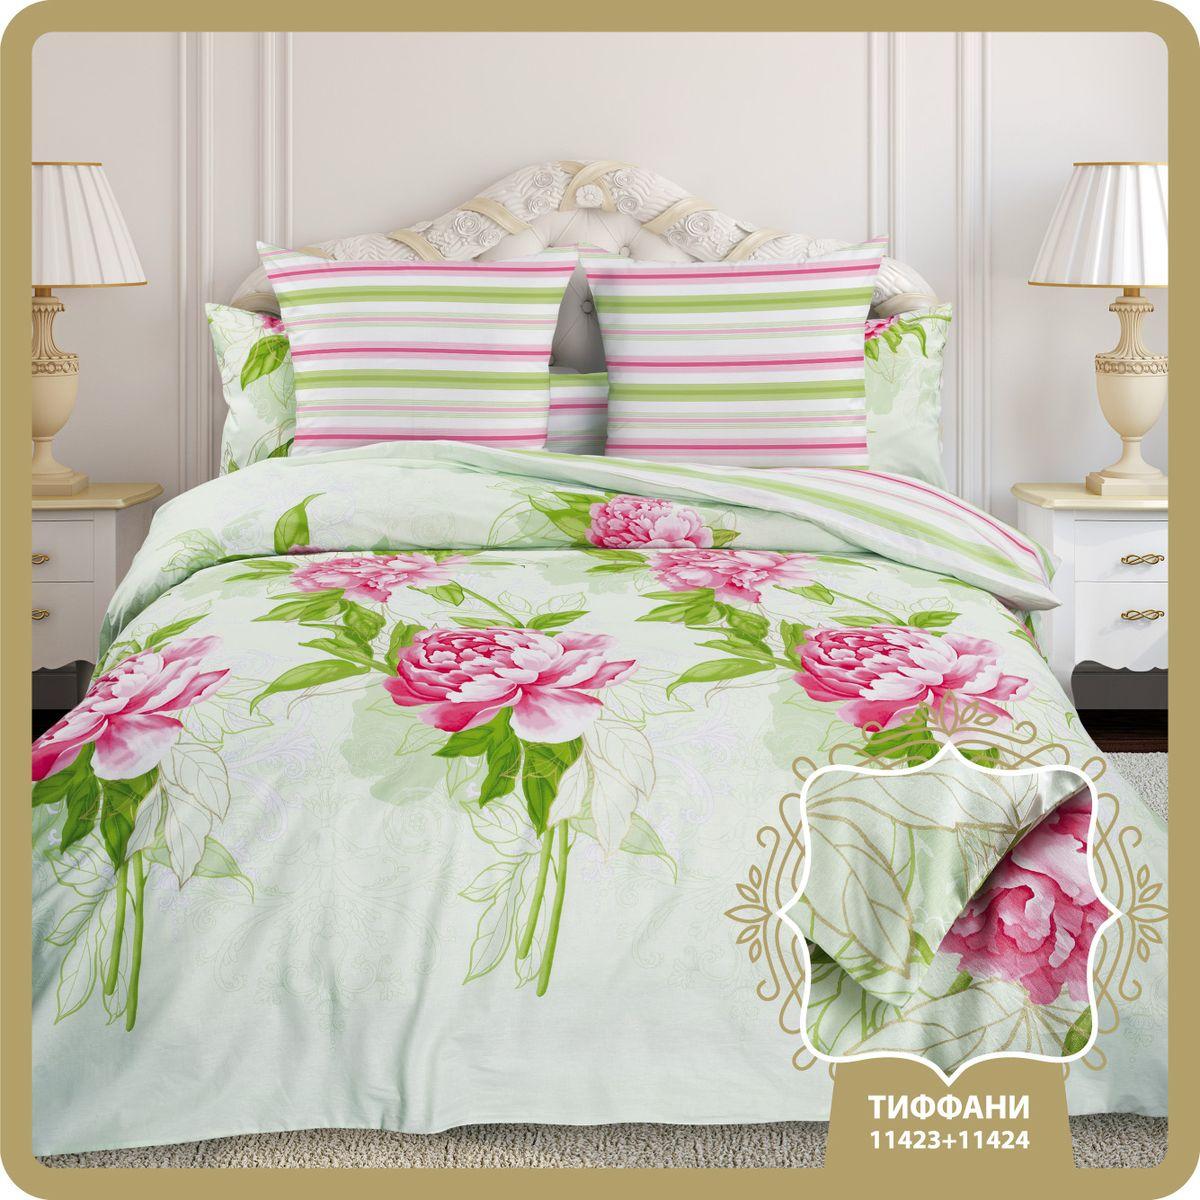 Комплект белья Унисон Тиффани, семейный, наволочки 70 x 70, цвет: белый. 314234314234